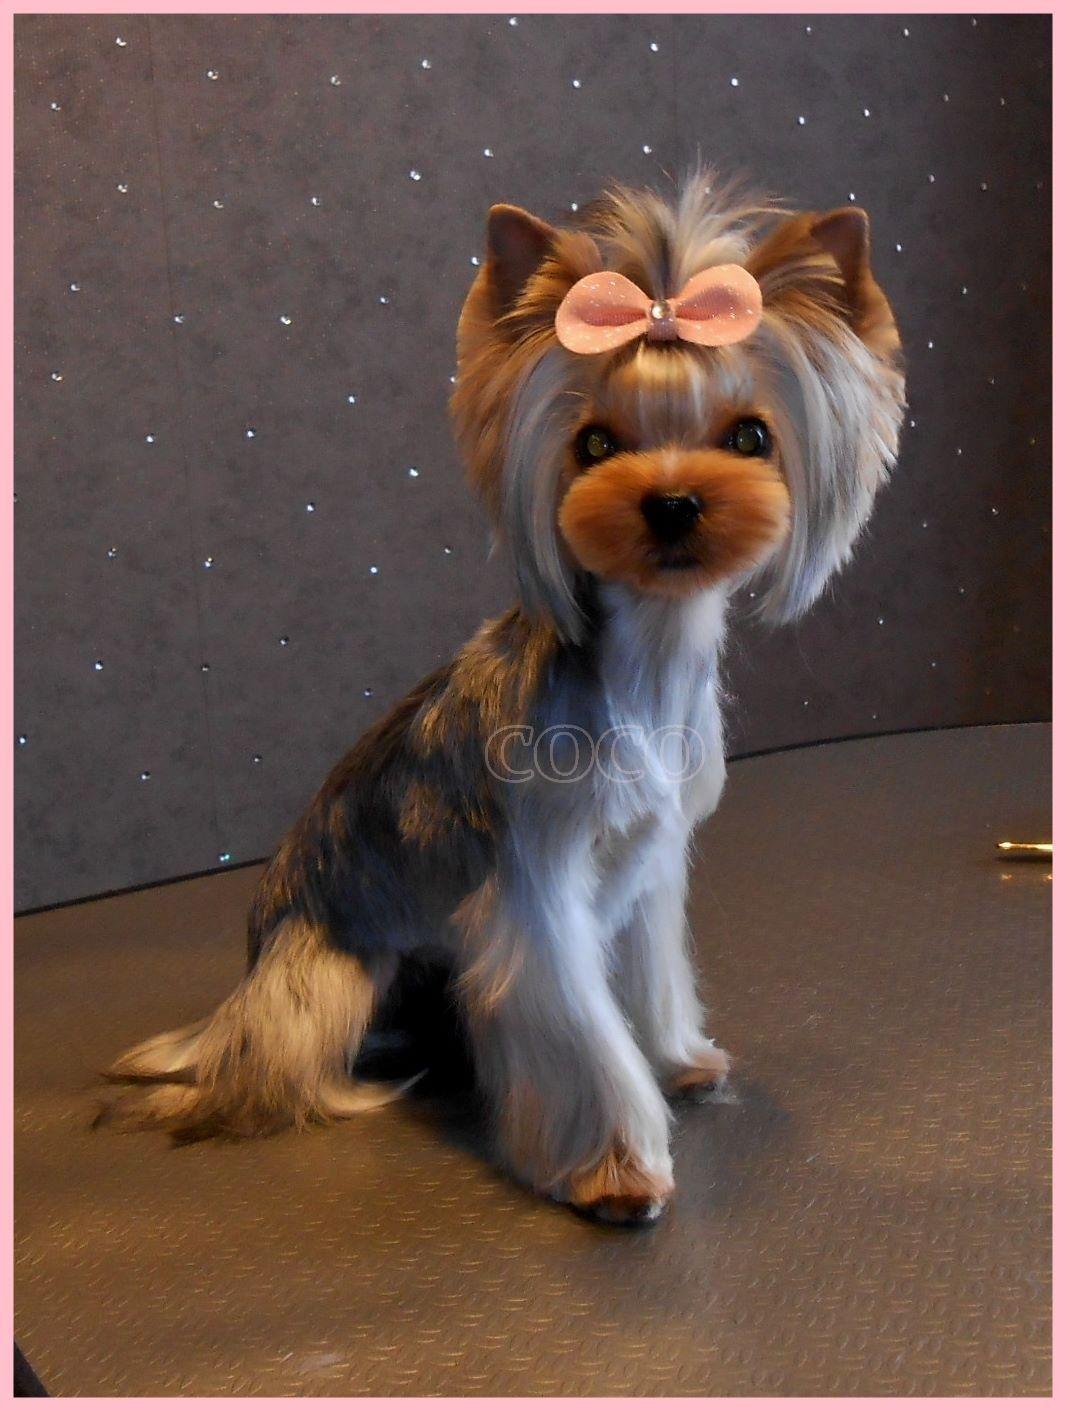 Cute Yorkie Haircuts Verschiedene Yorkshire Terrier Frisuren Mit Bildern Y Bildern Cute Frisuren Hundehaarschnitte Yorkie Frisuren Yorkie Welpen